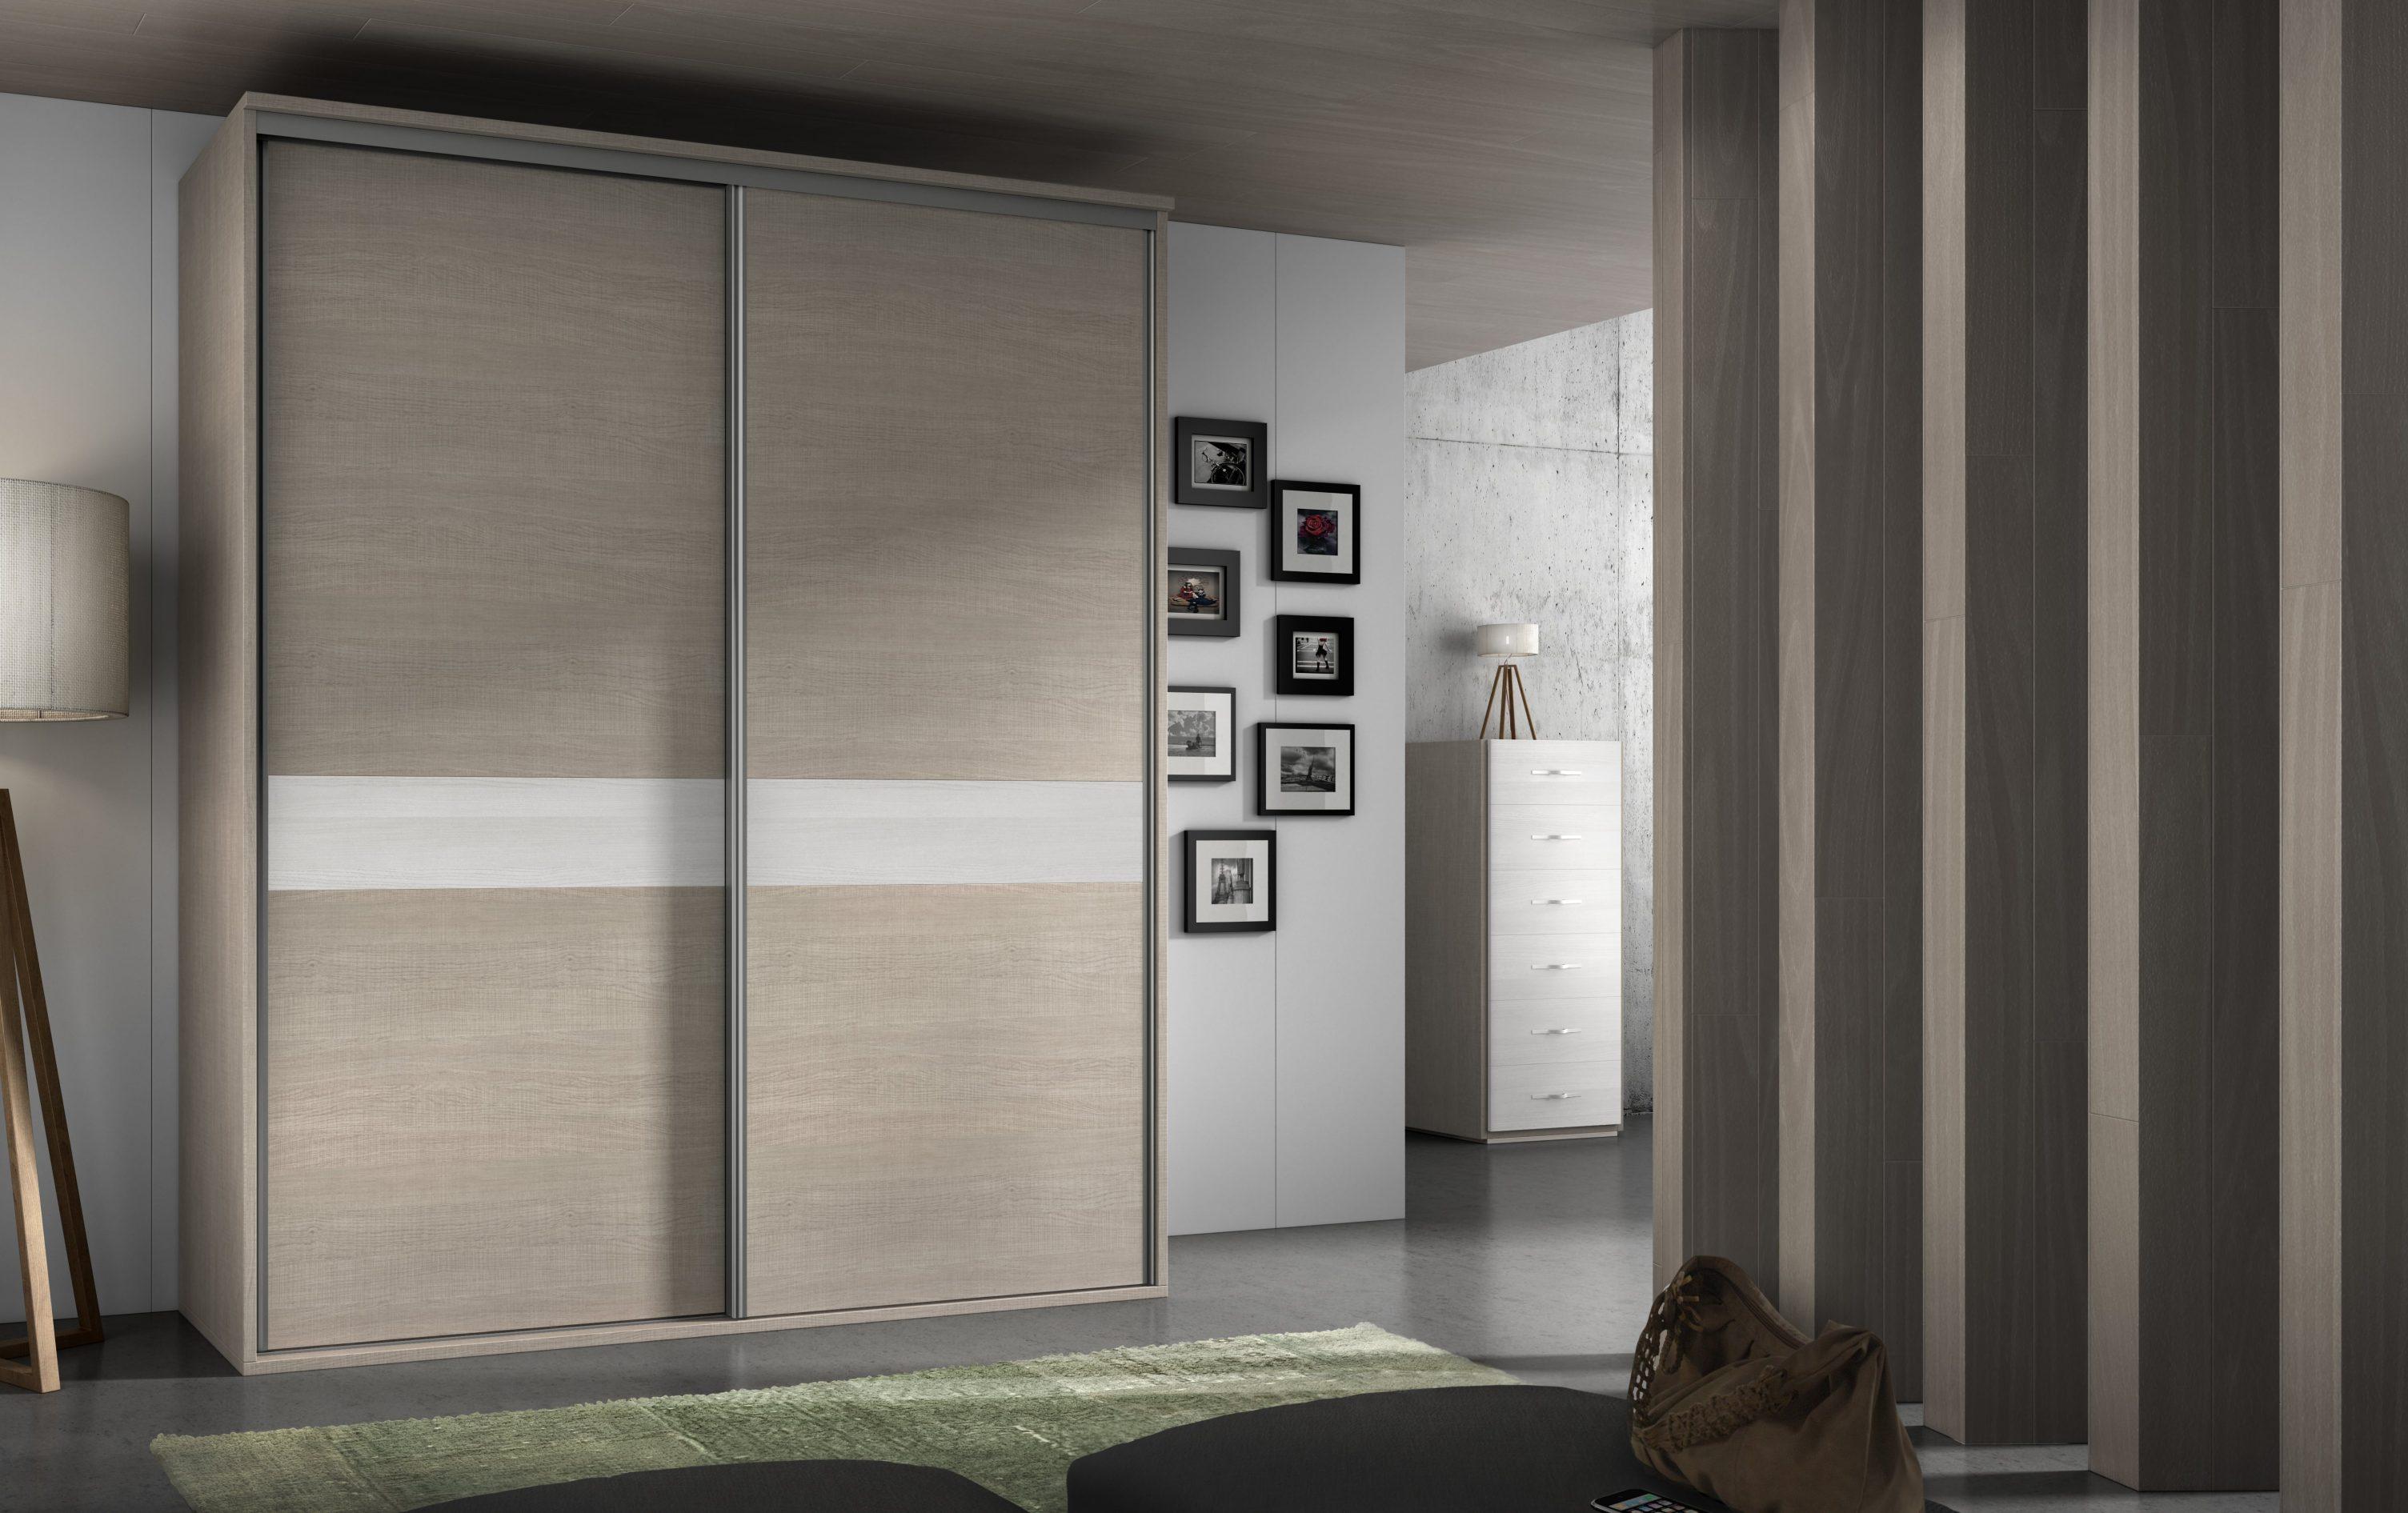 Armario de puertas correderas con plafón central, con varias posibilidades de medida y color. Es sin duda una solución ideal para poner orden en tu vestuario.